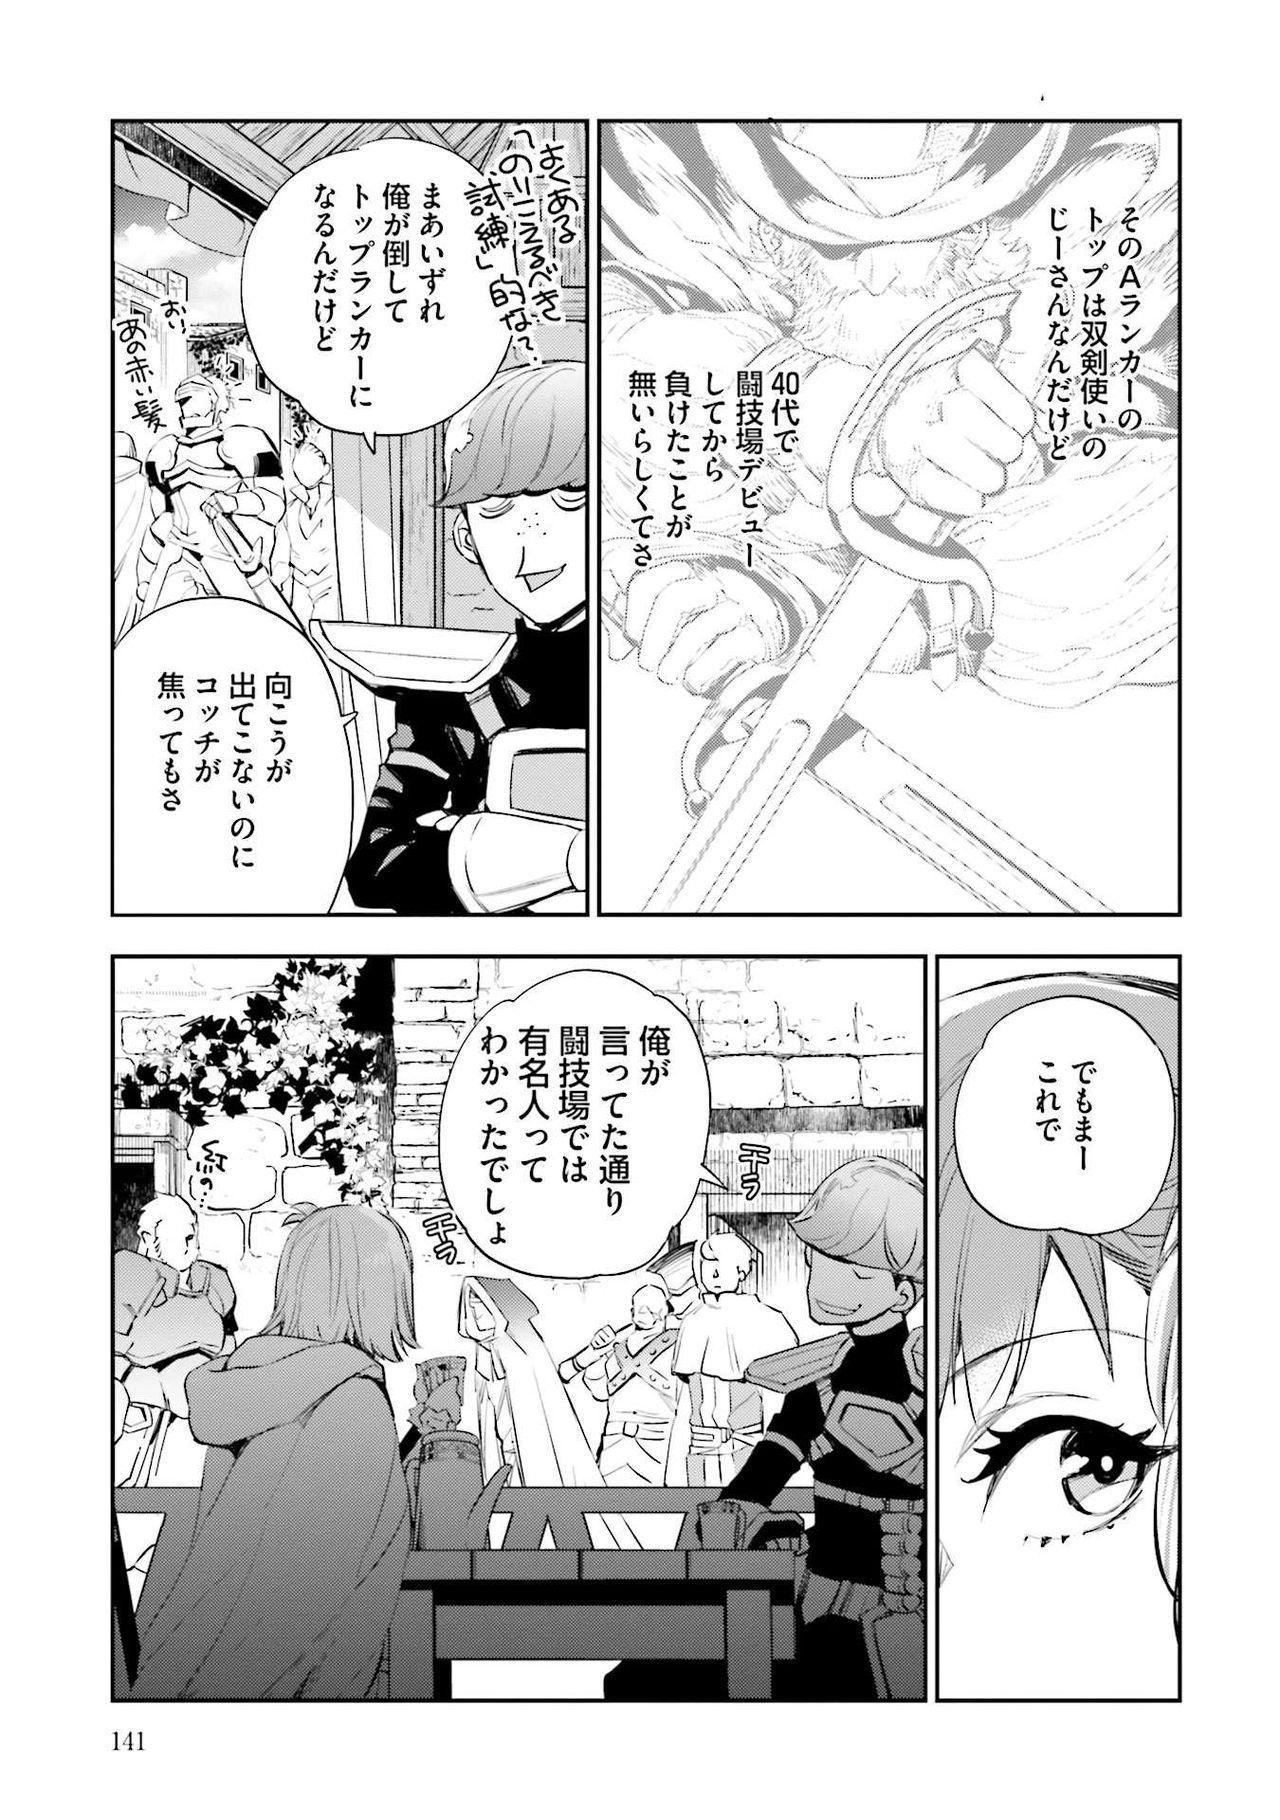 JK Haru wa Isekai de Shoufu ni Natta 1-14 142